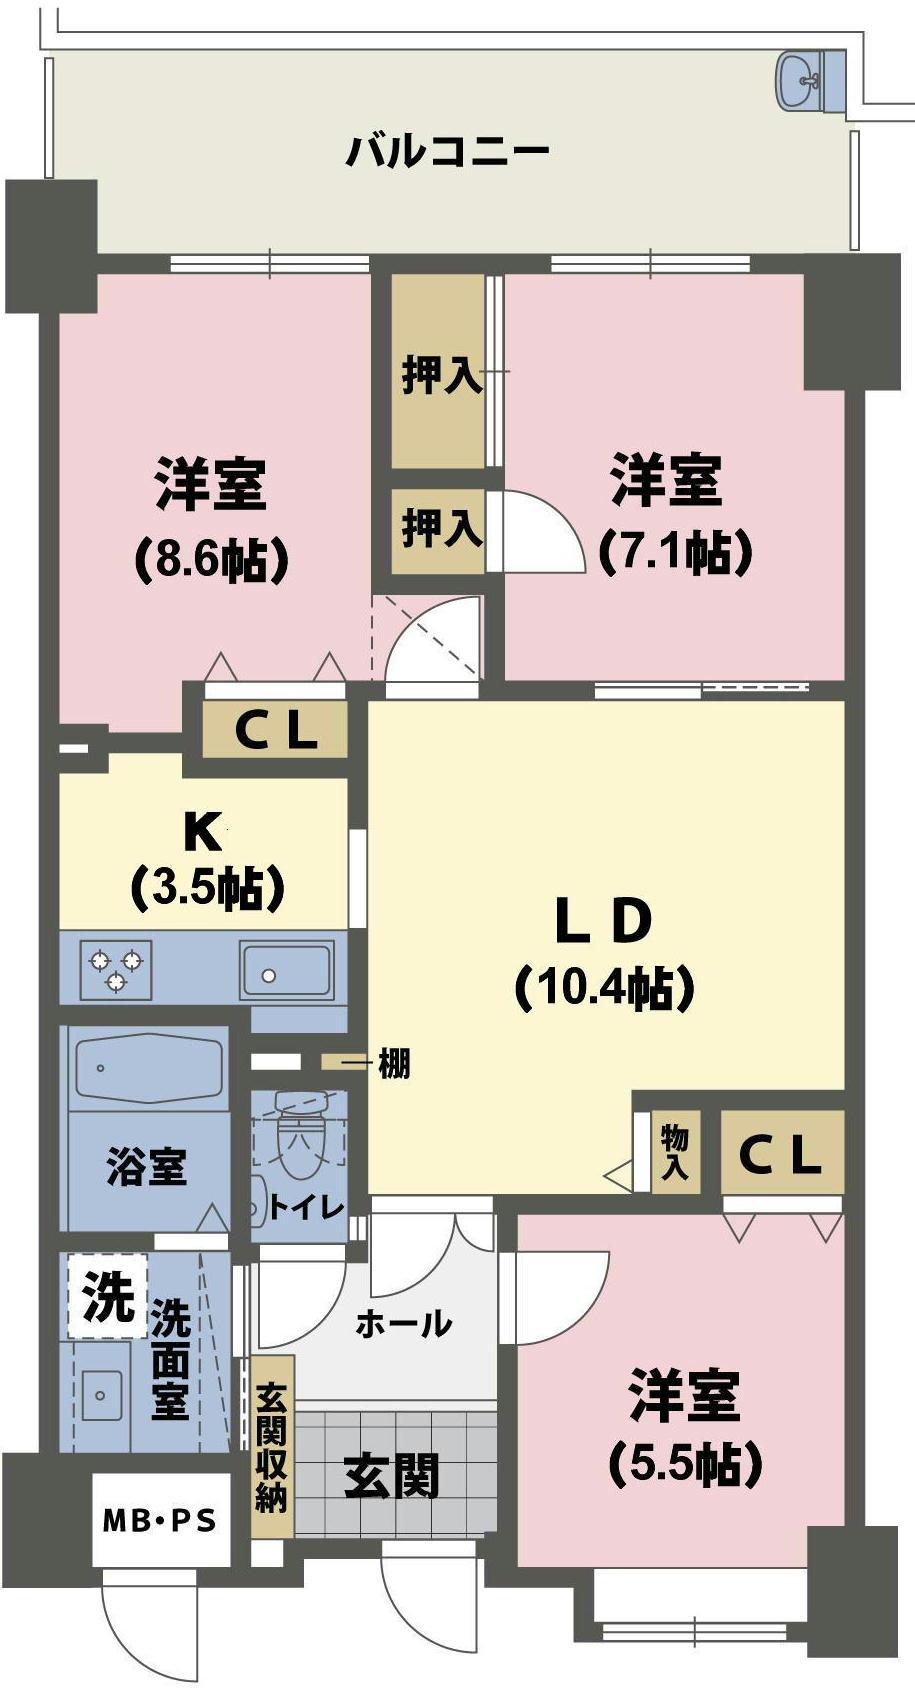 間取図(帖数あり) (2)